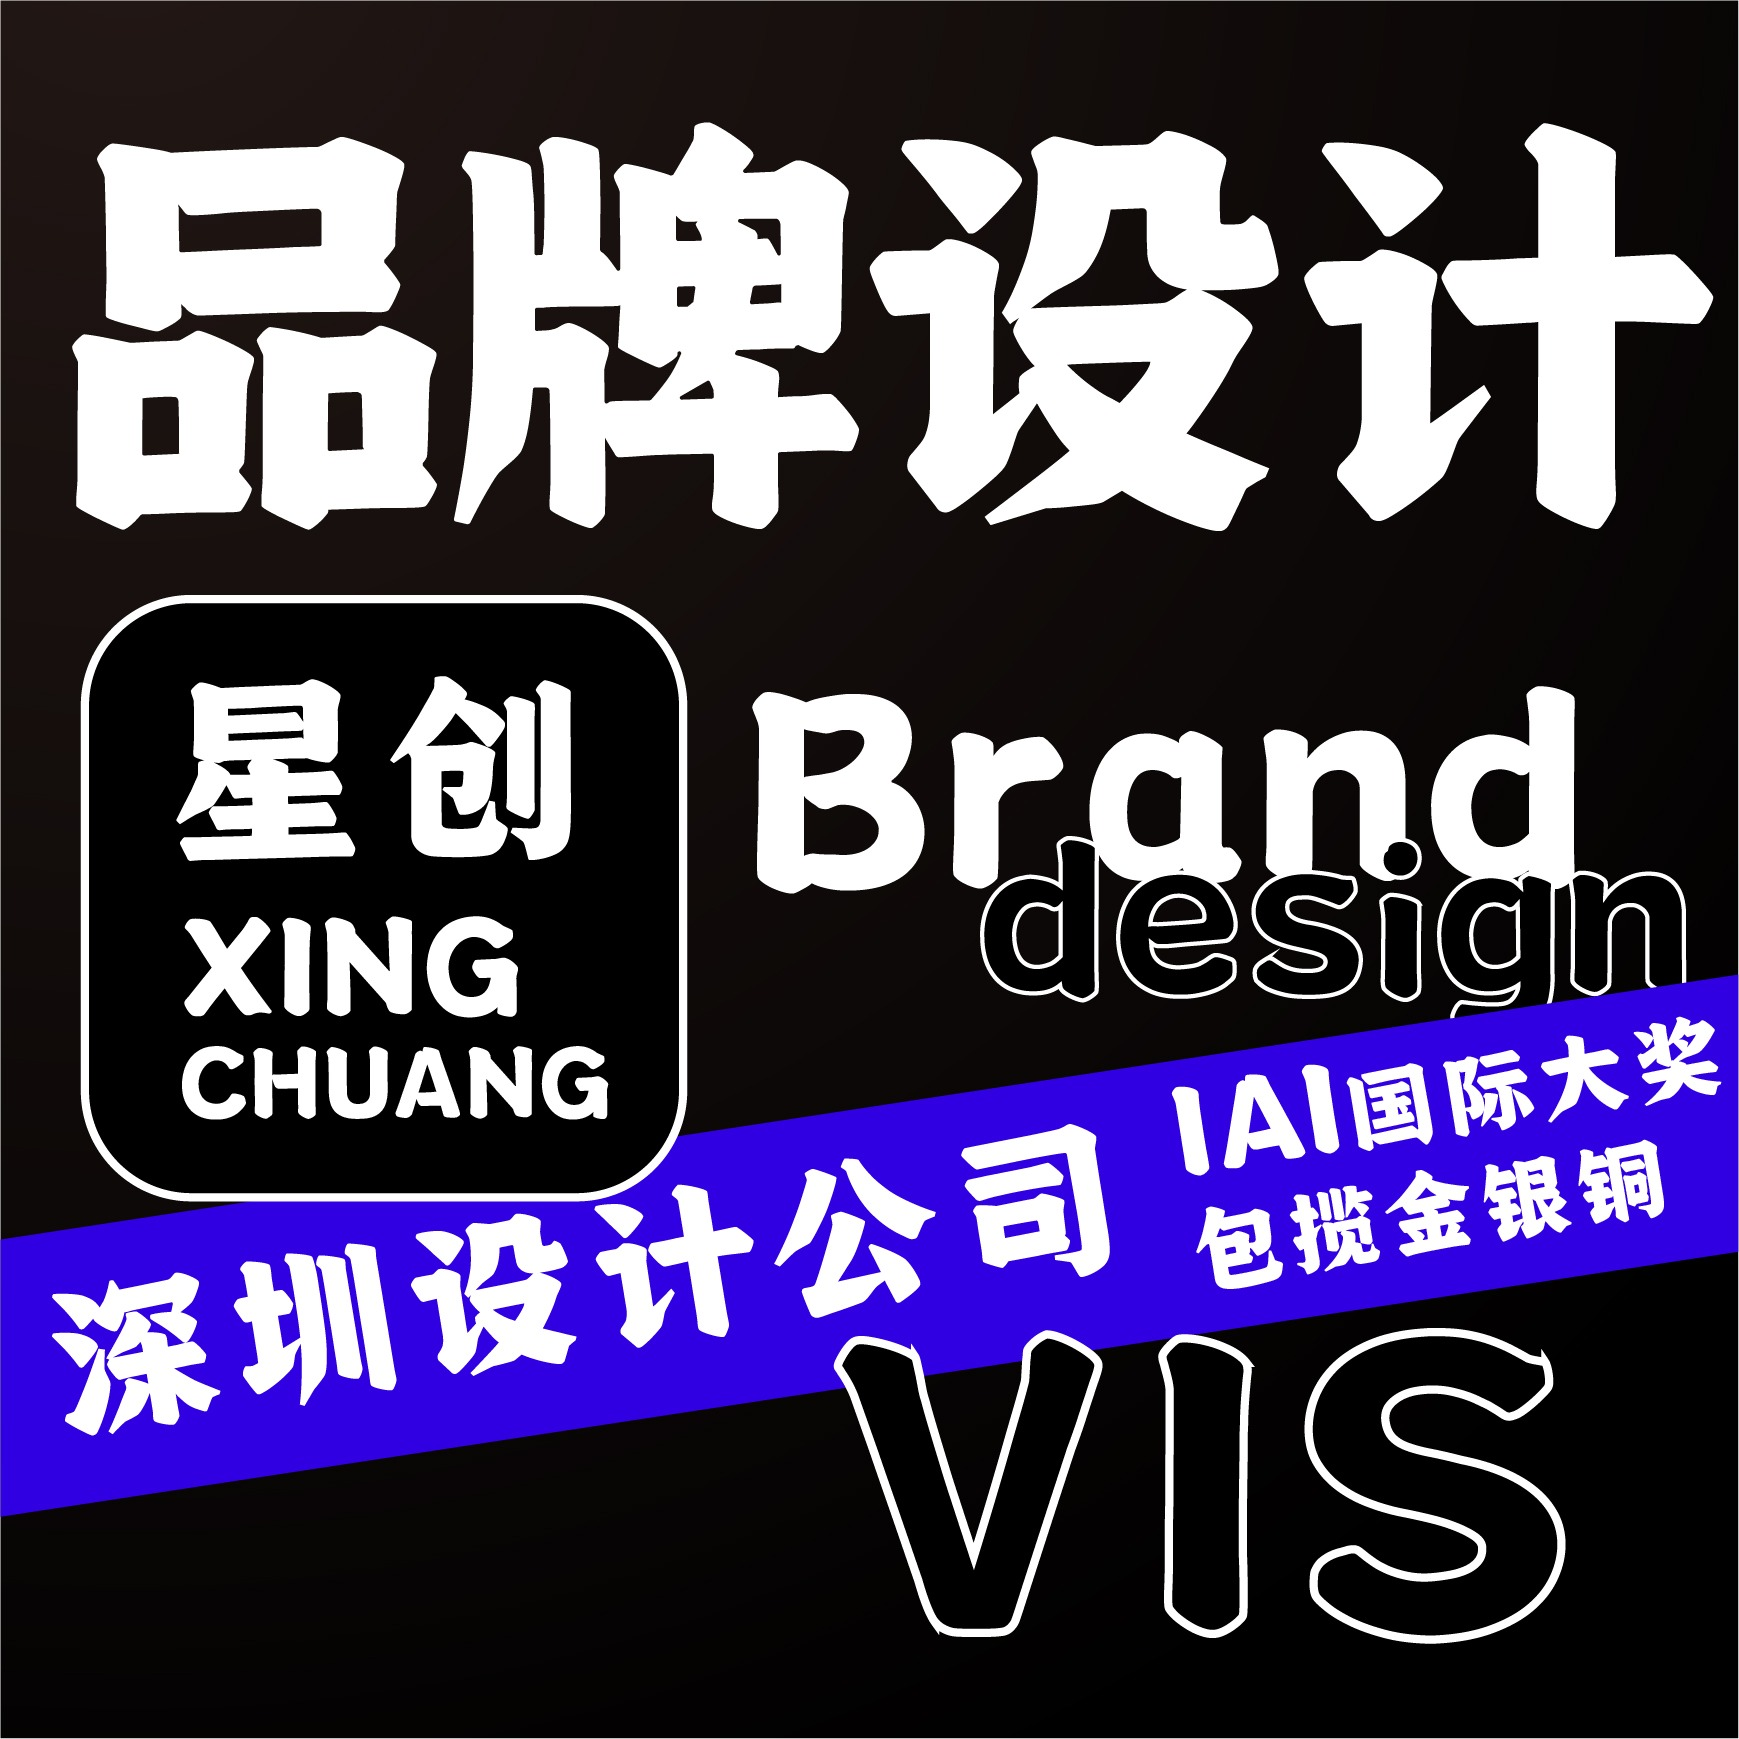 医疗科技金融保险企业形象办公 vi 应用 设计 家装 VI S视觉系统